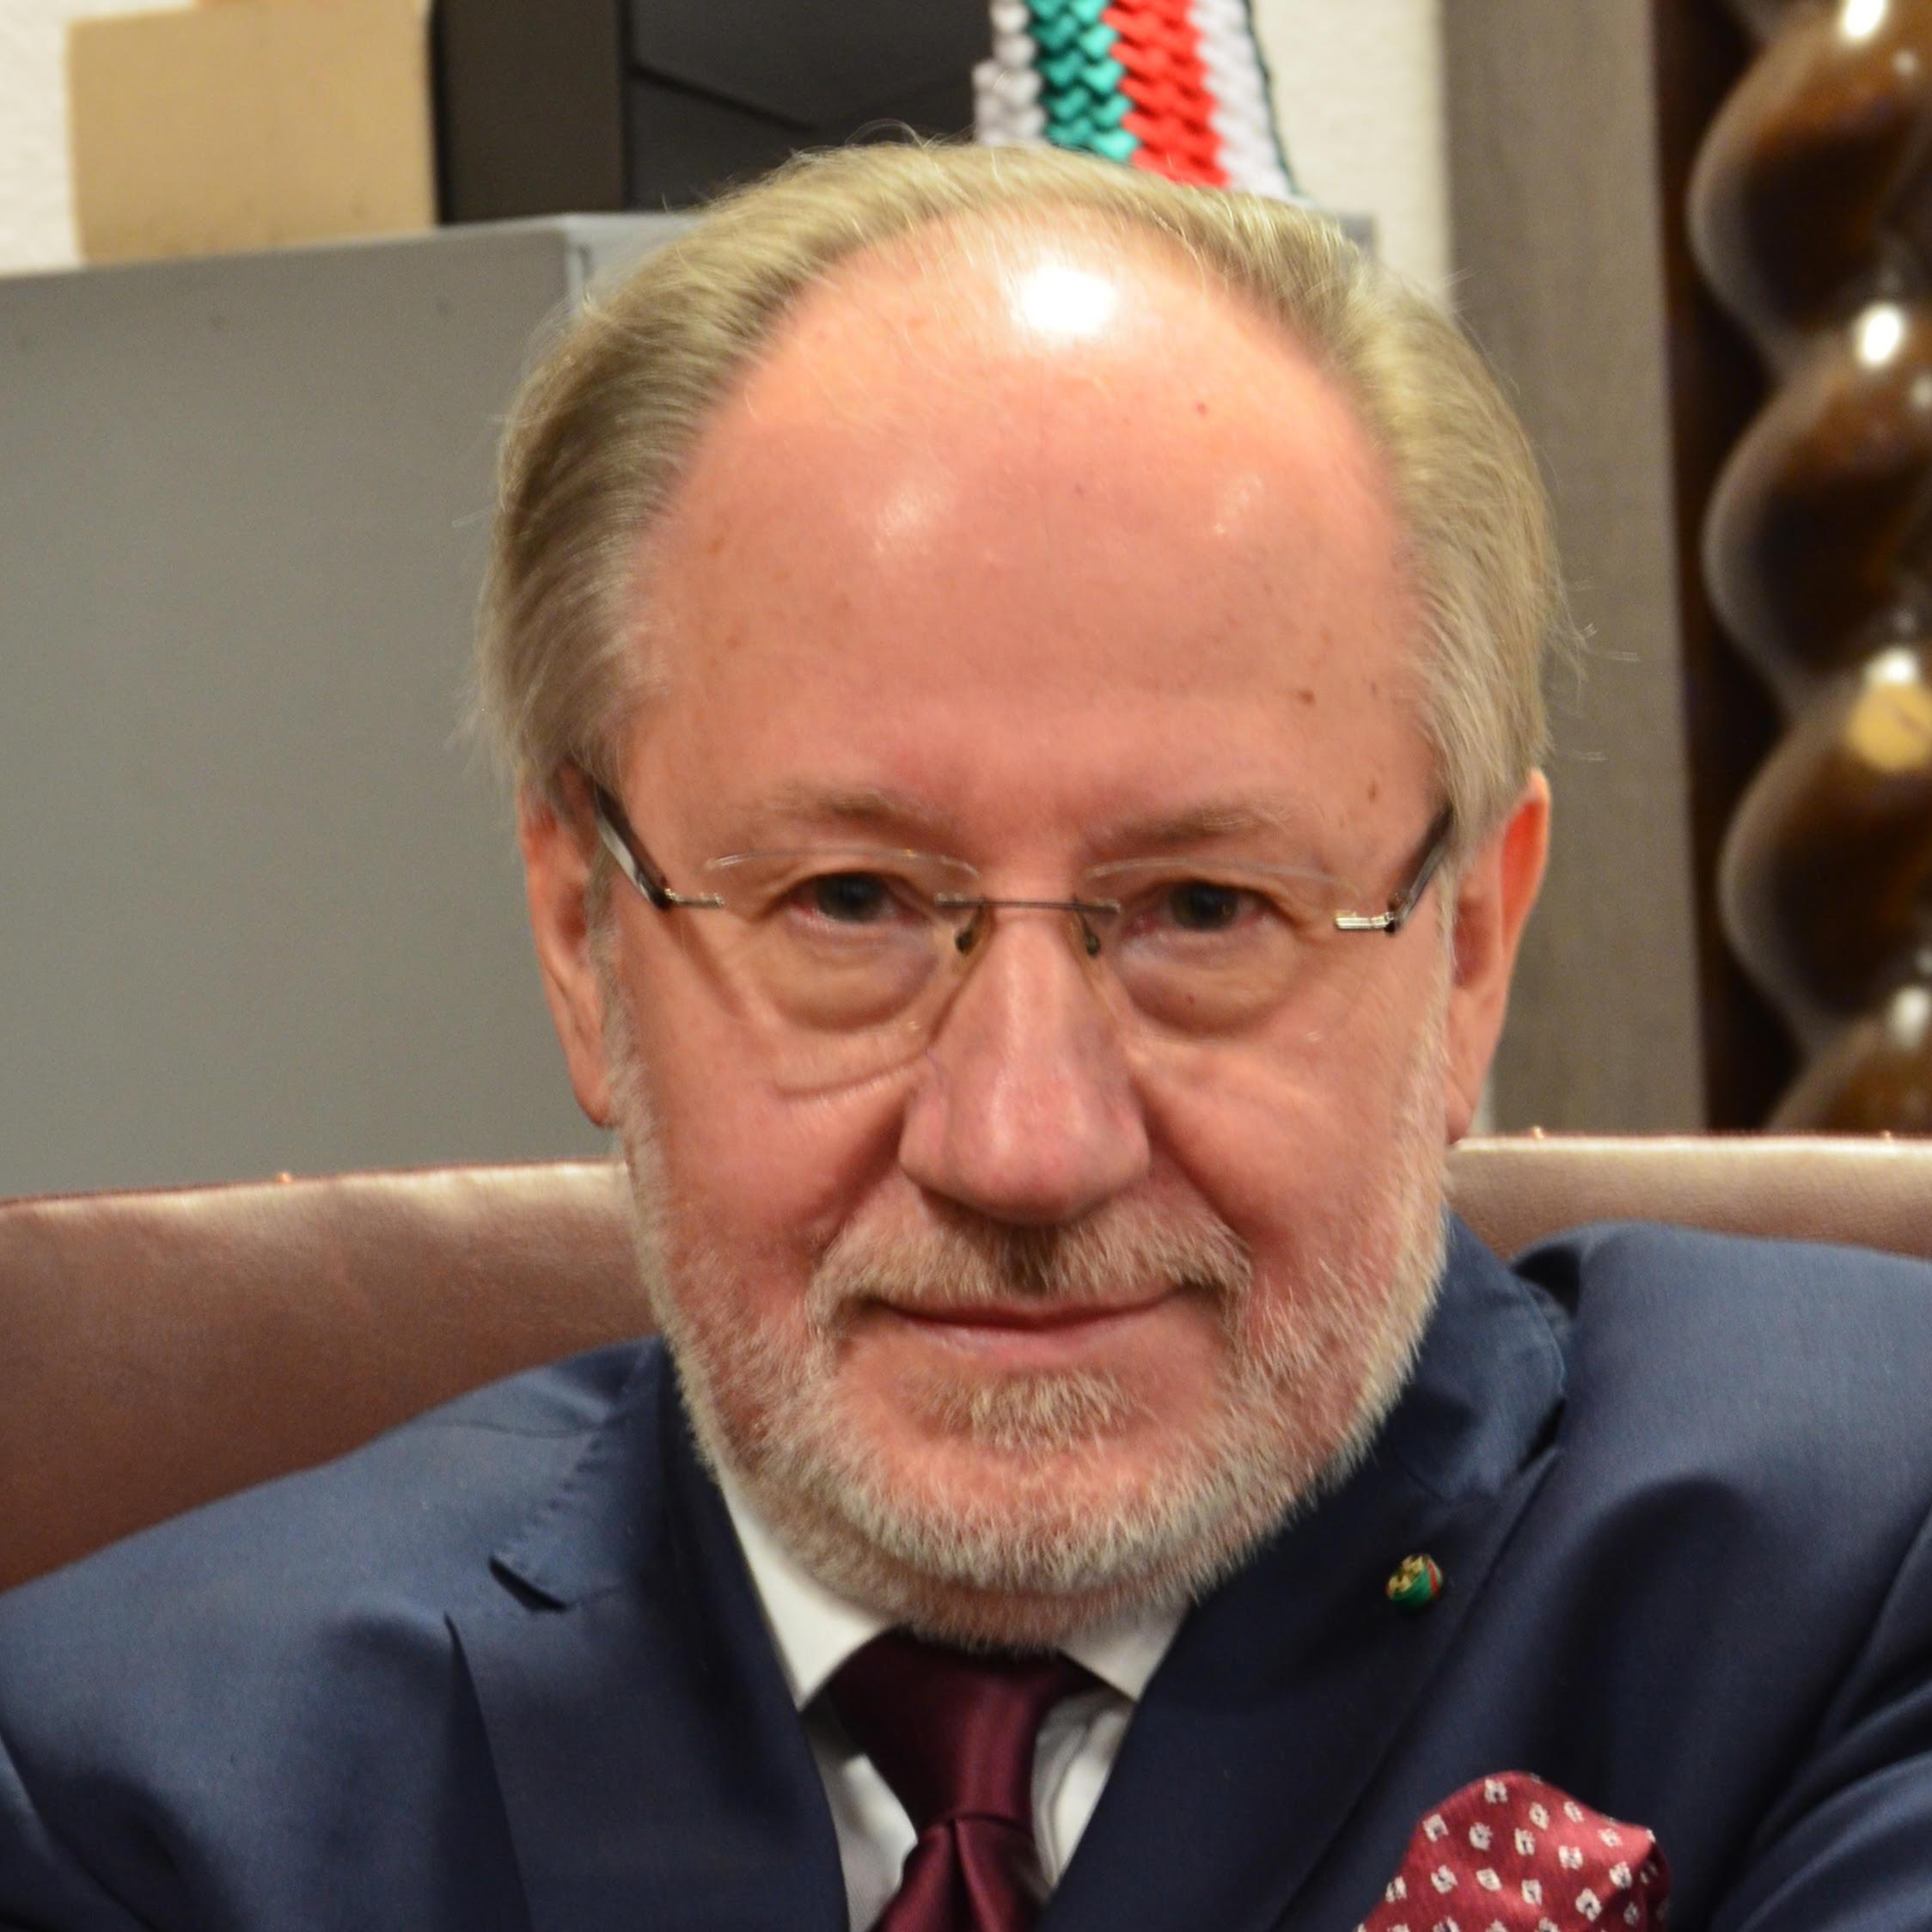 Zbigniew Witkowski